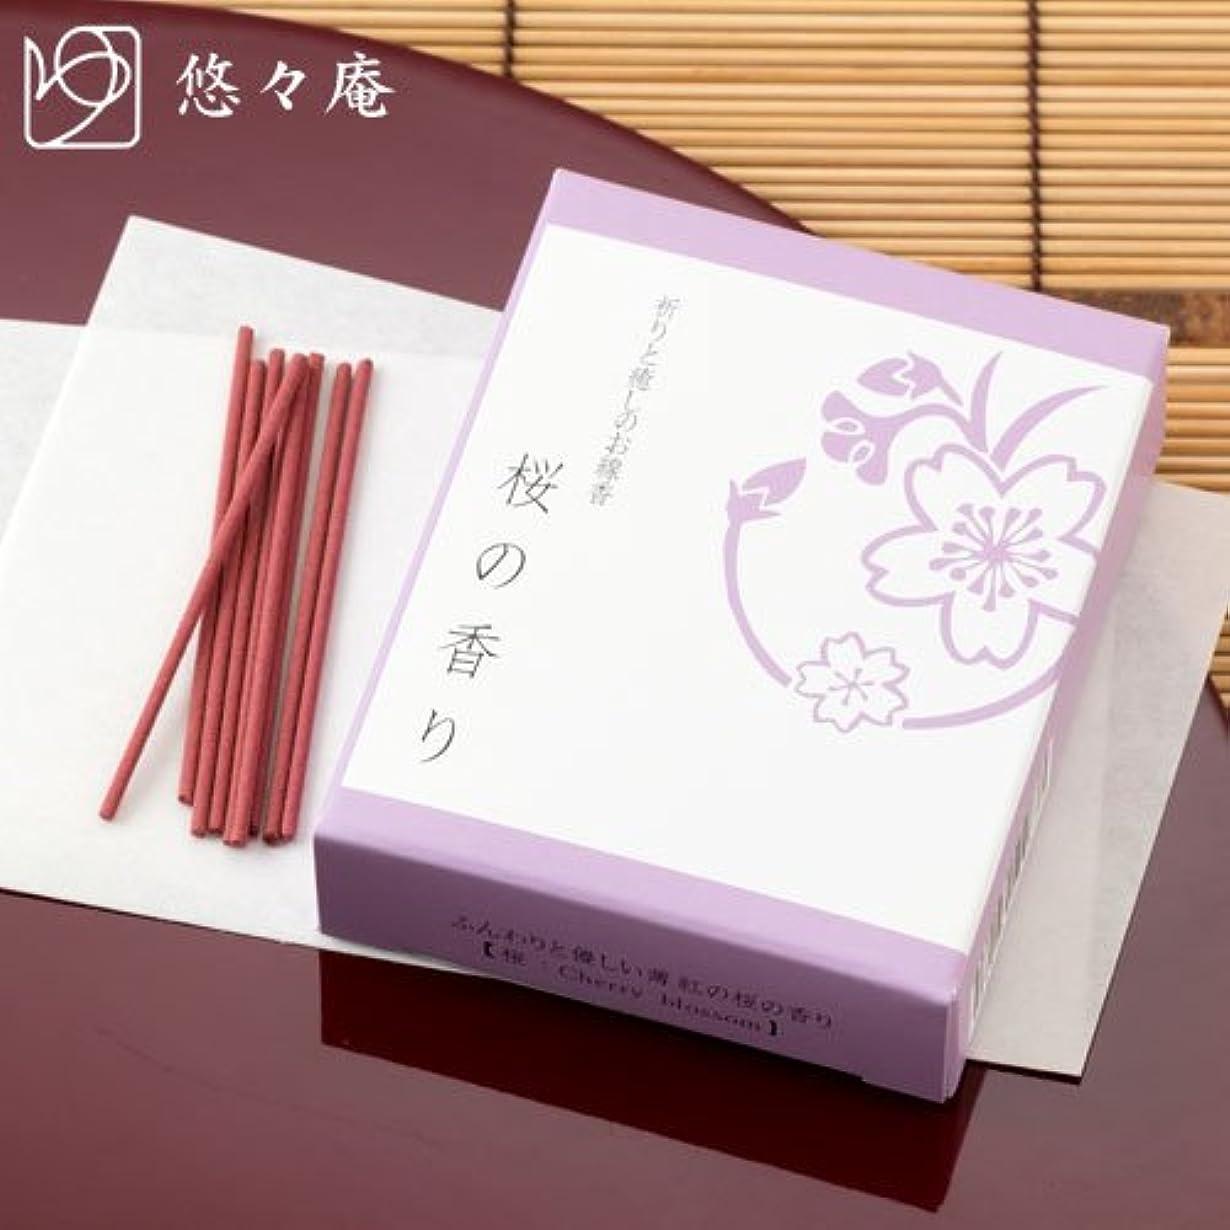 不可能なスリップ致命的なスティックお香祈りと癒しのお線香桜ショートサイズ悠々庵Pray & Heal Incense